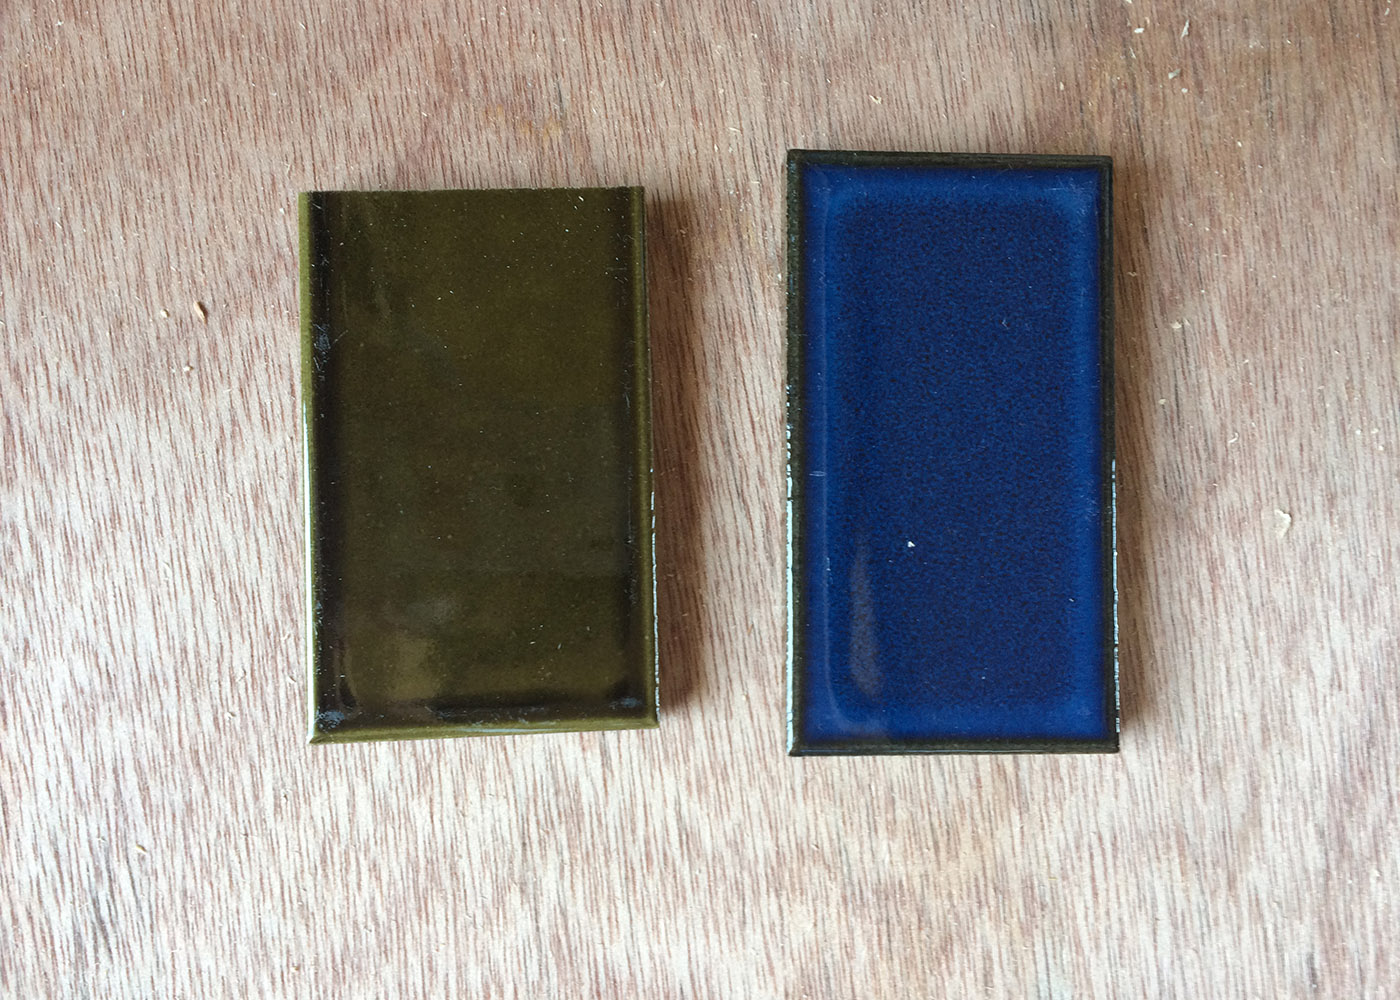 団地リノベ素材~レトロタイル~ 今回は2色のタイルを使用します。